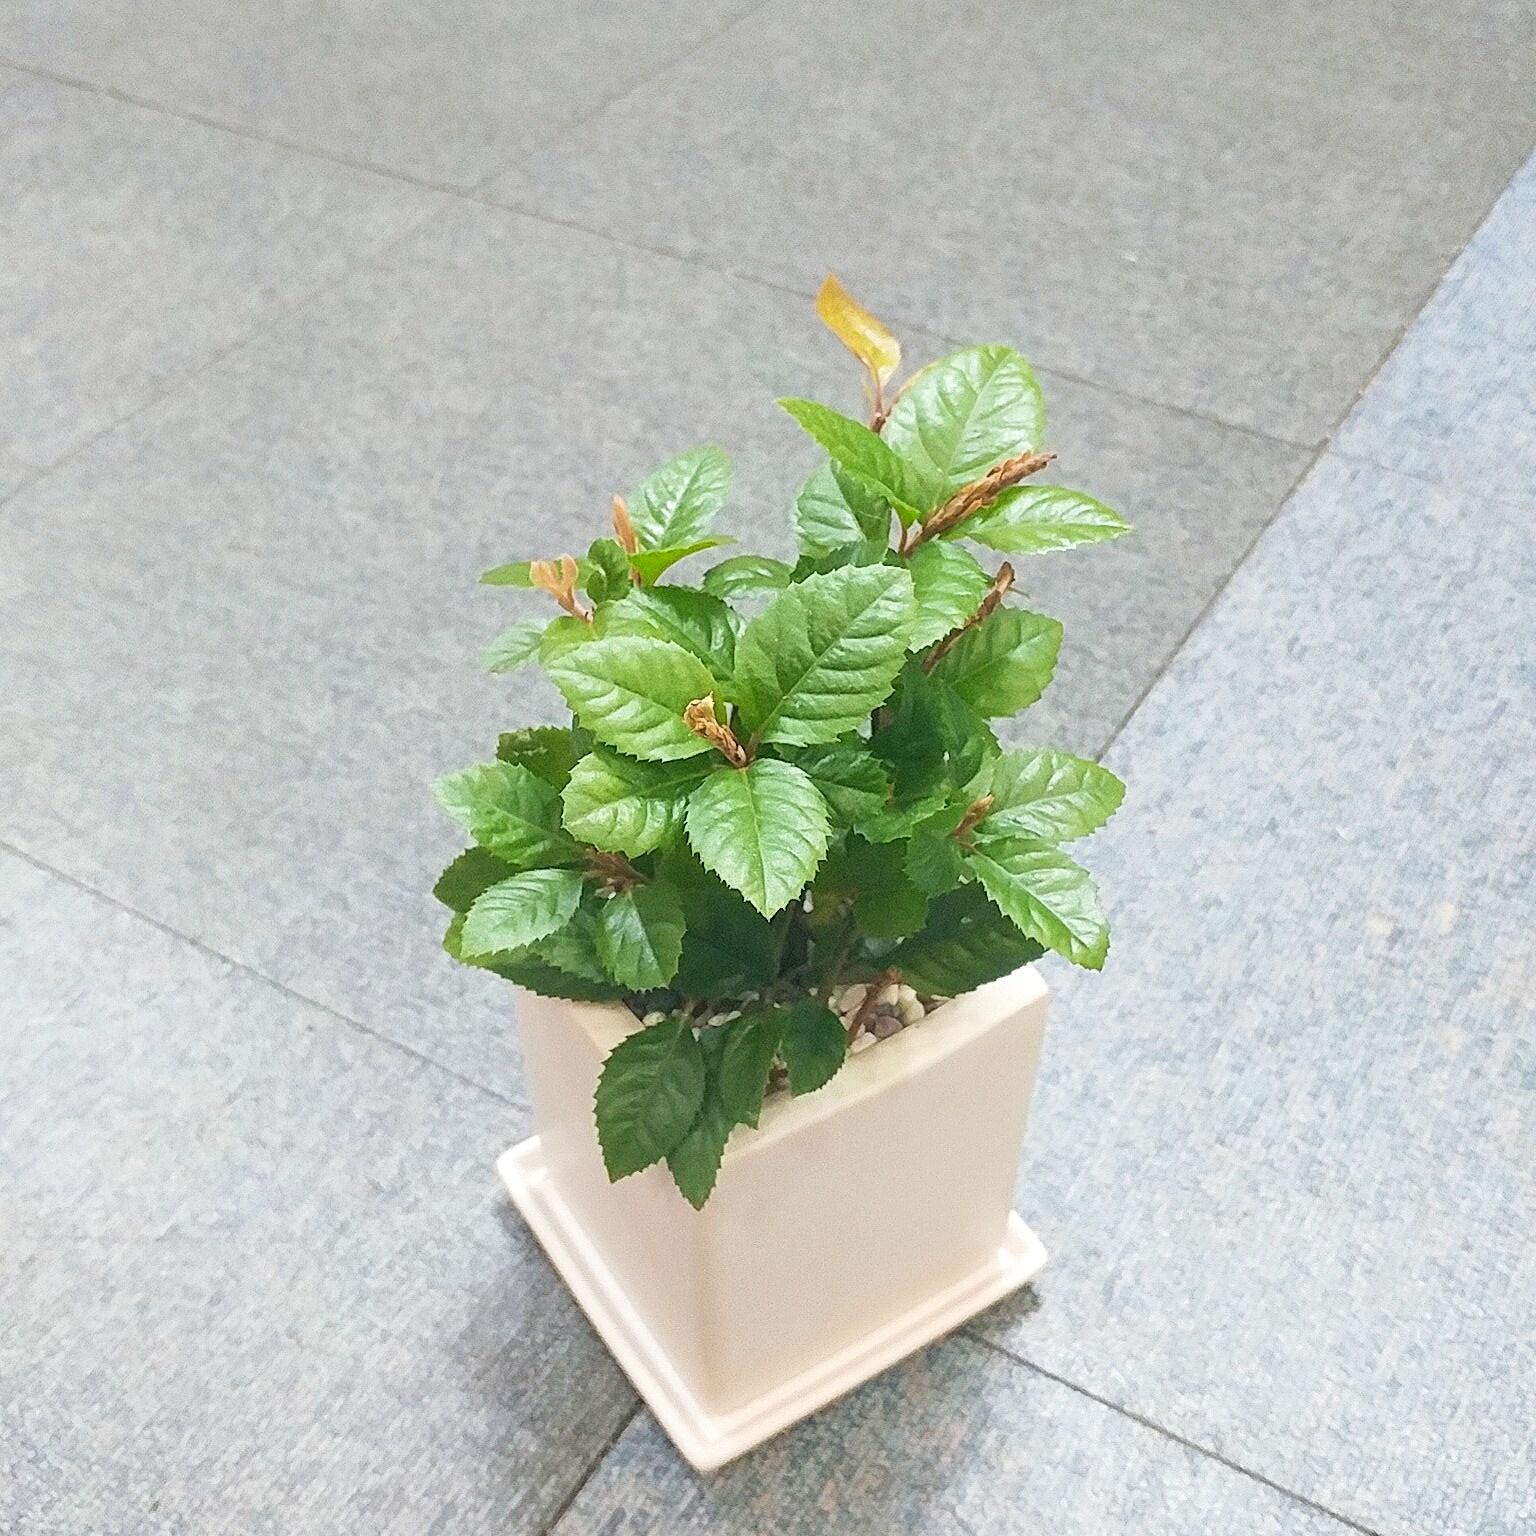 꽃피우는청년 키우기 쉬운 실내공기정화식물 사각 화이트 화분 (무광), 1개, 산호수